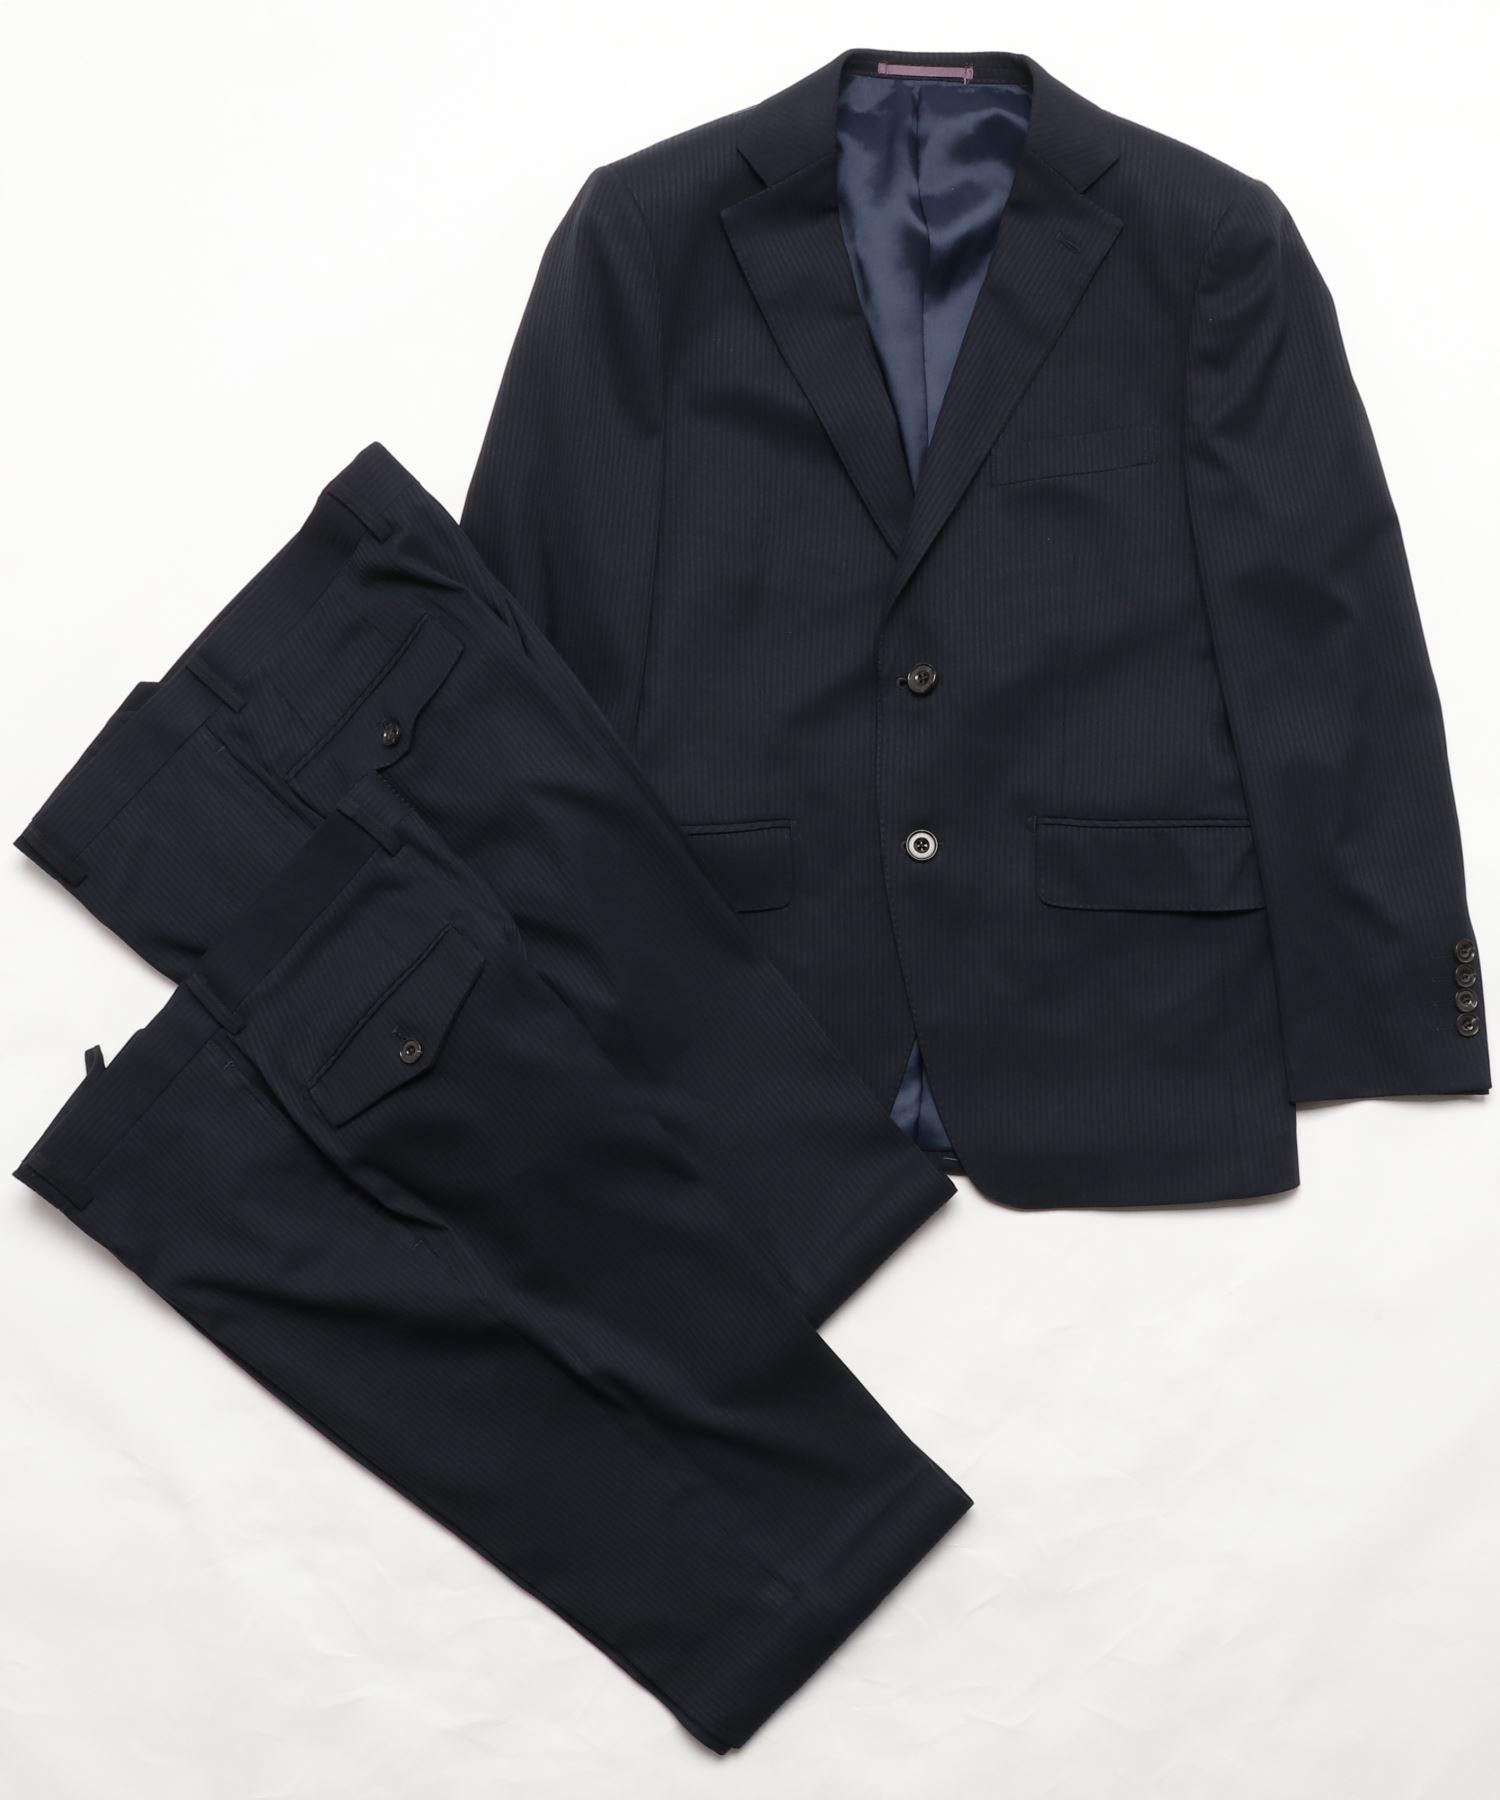 P100 2釦ツーパンツスーツ